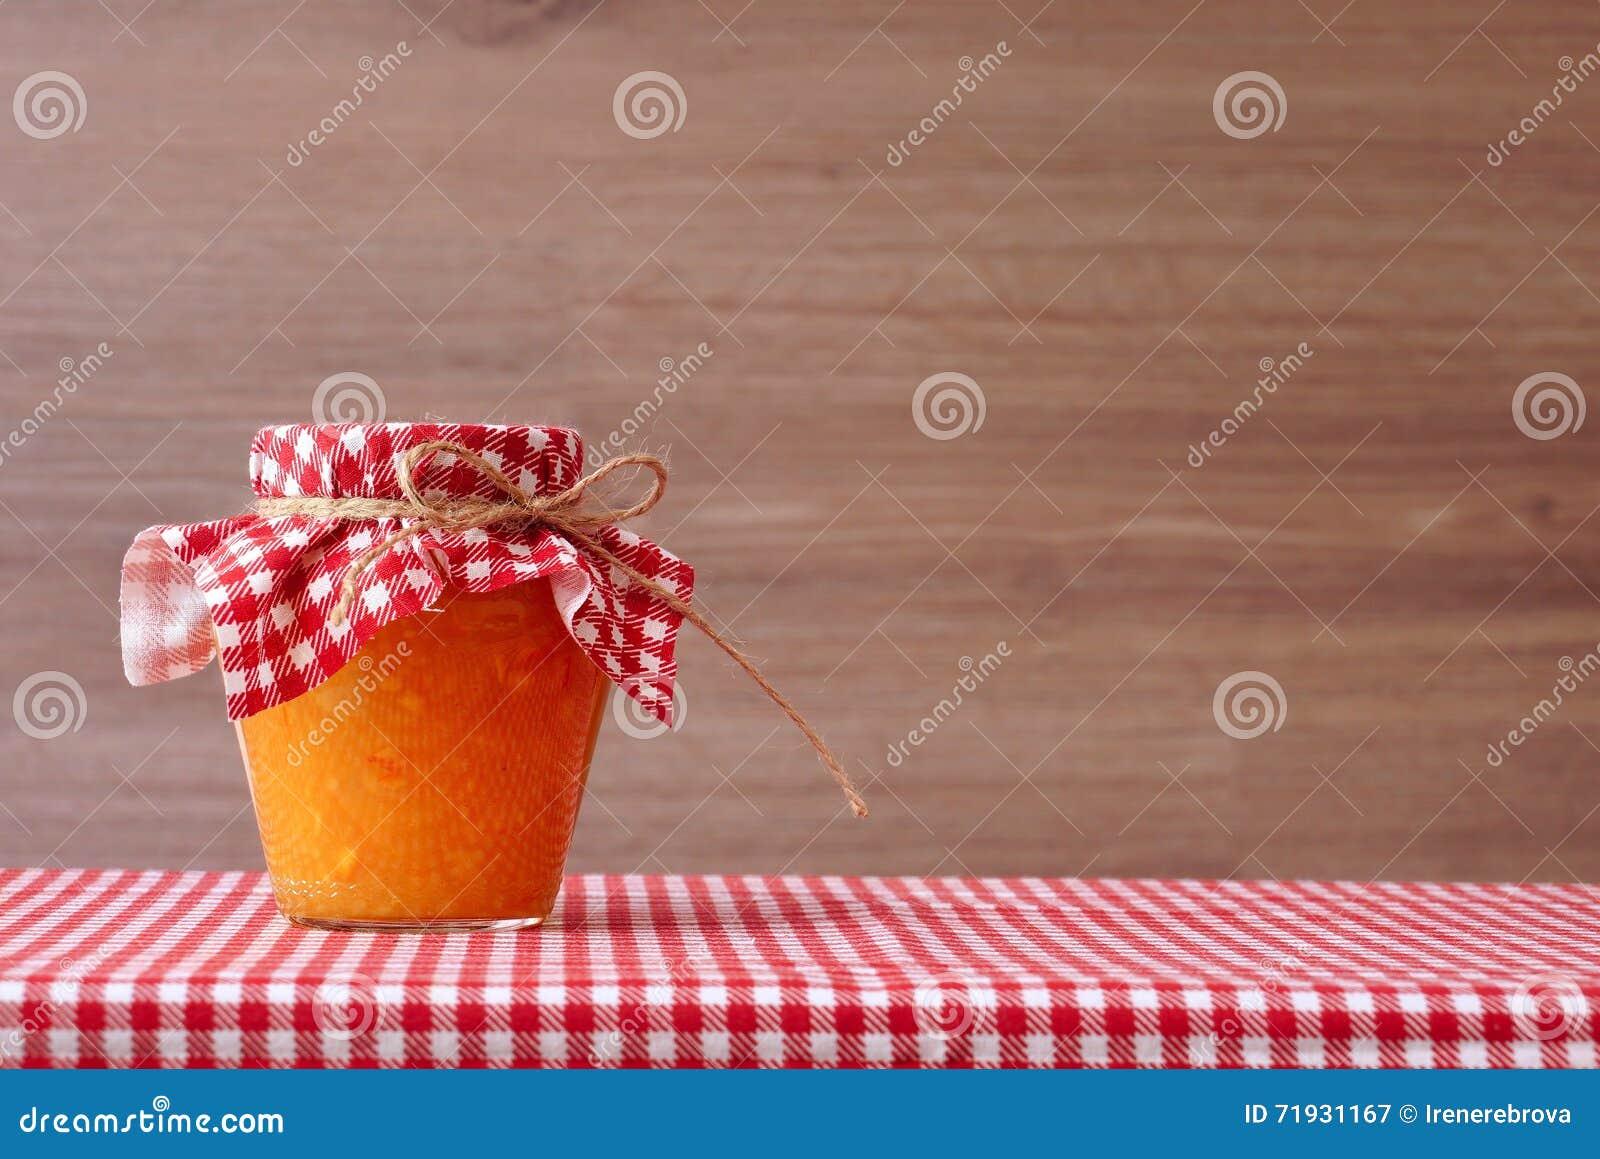 Оранжевое варенье в стеклянном опарнике на красной checkered скатерти